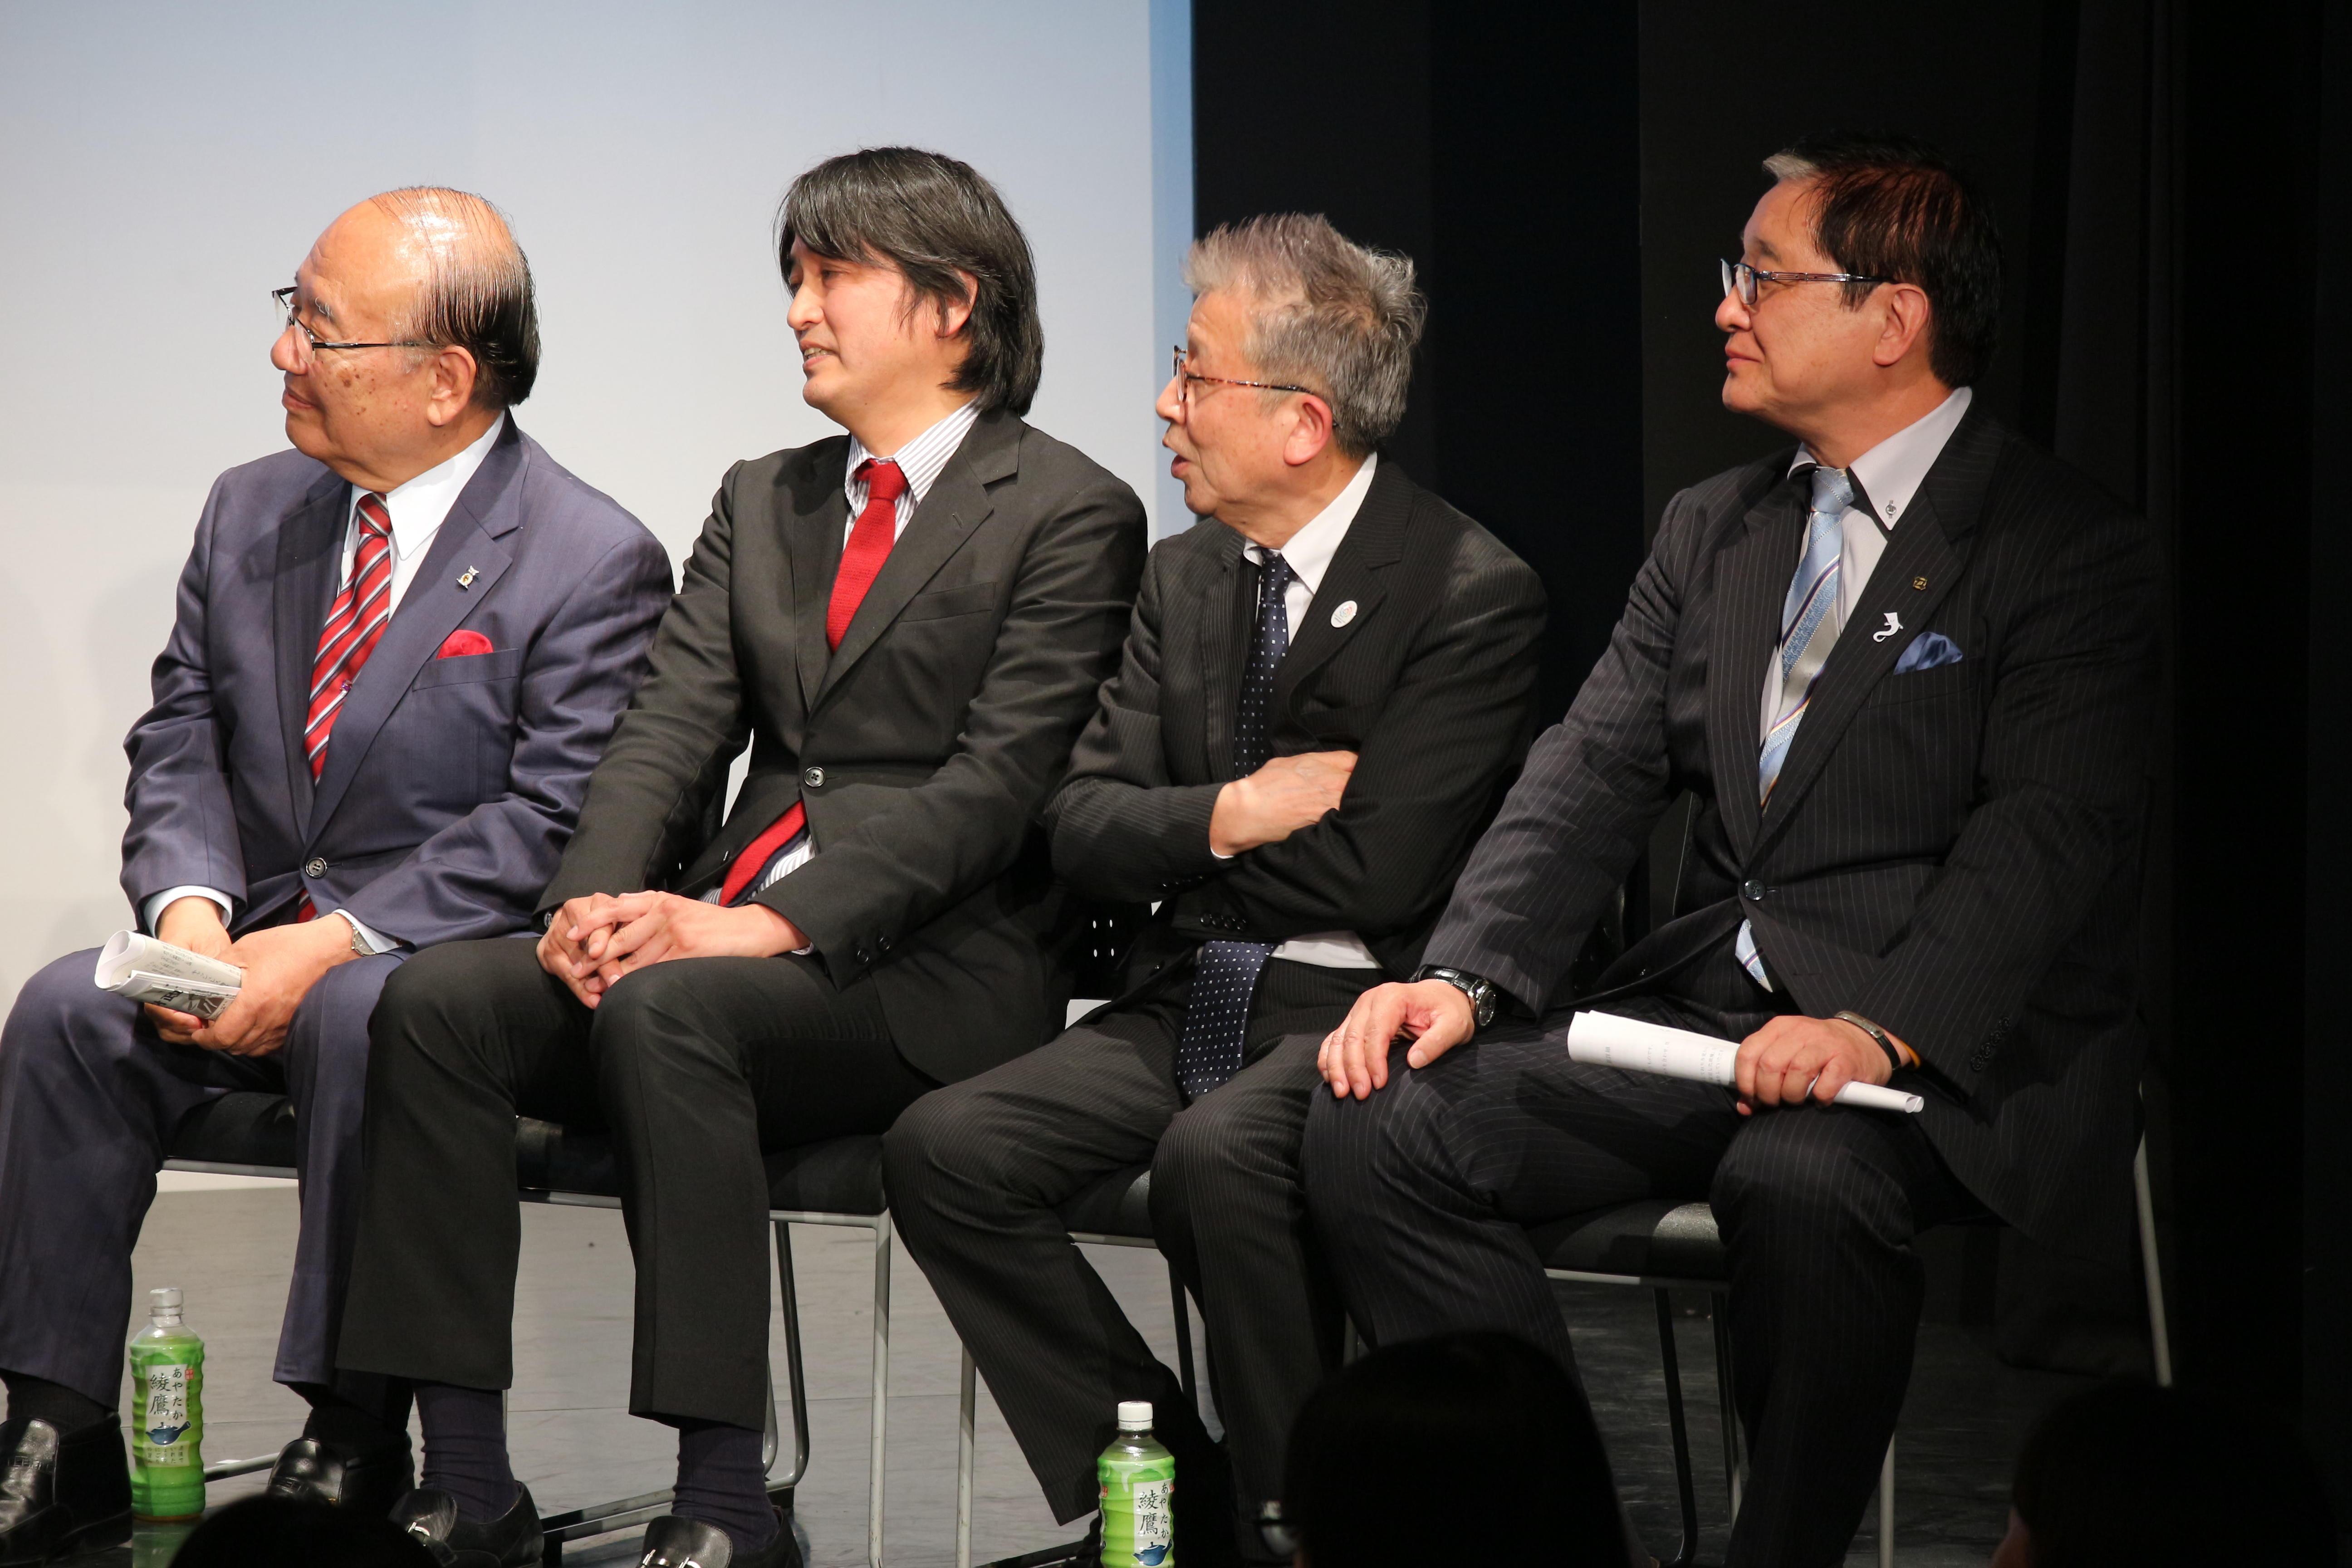 http://news.yoshimoto.co.jp/20180513000858-4c690554b41f1d5f19c610d33d702ad3b8adb127.jpg